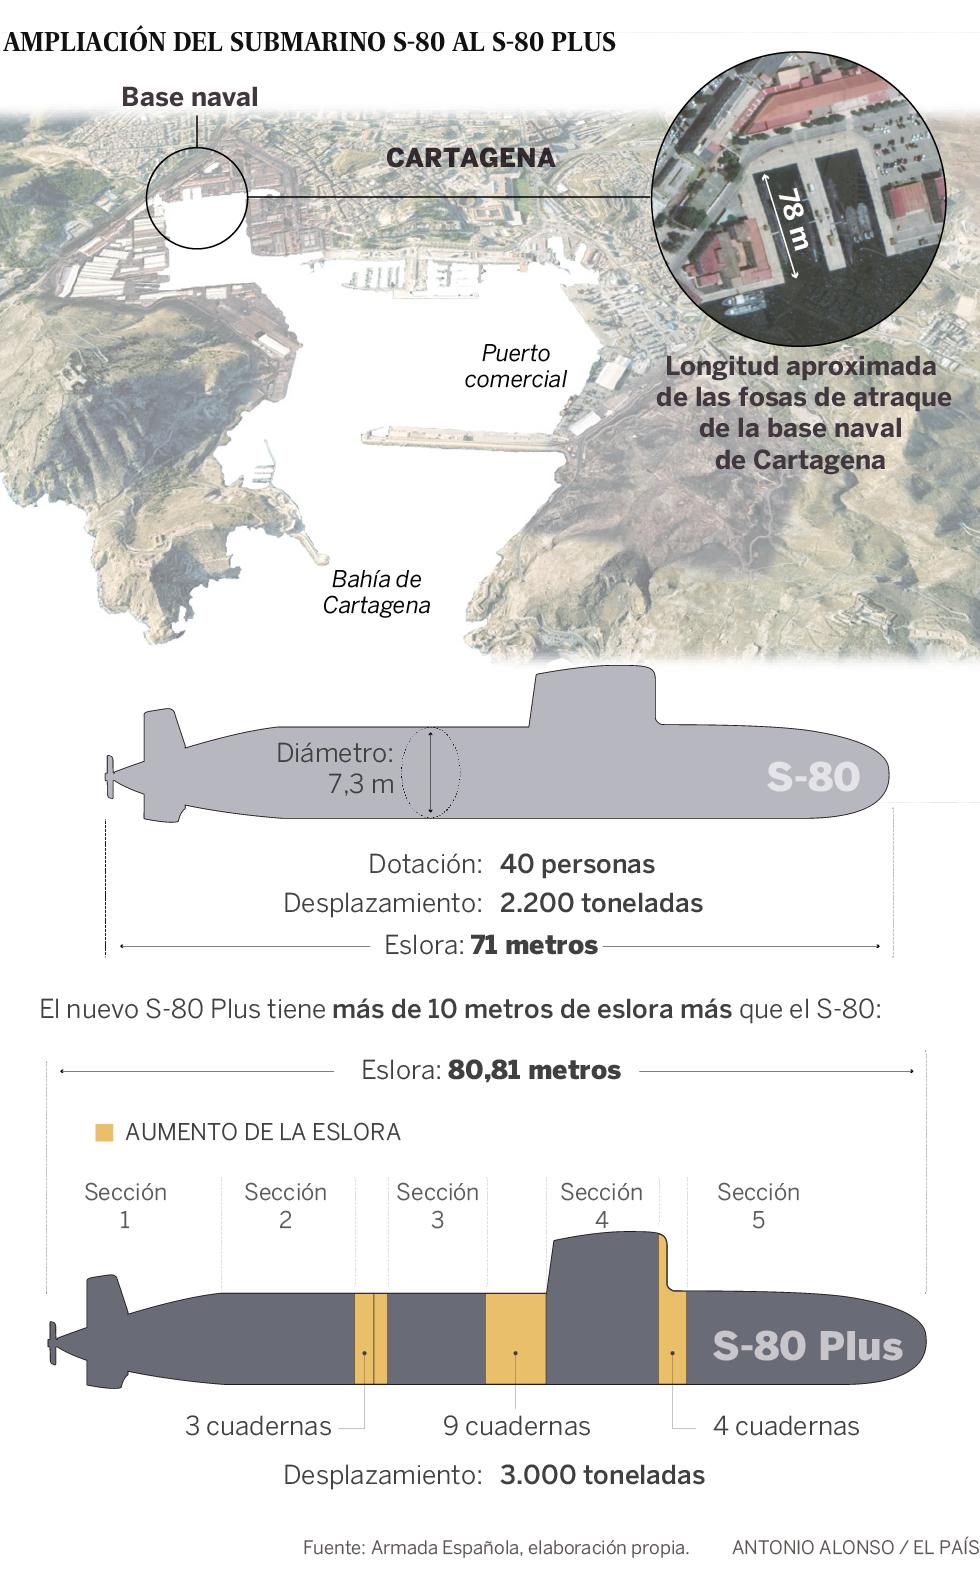 Defensa deberá ampliar los muelles de la base de Cartagena porque no cabe el nuevo submarino